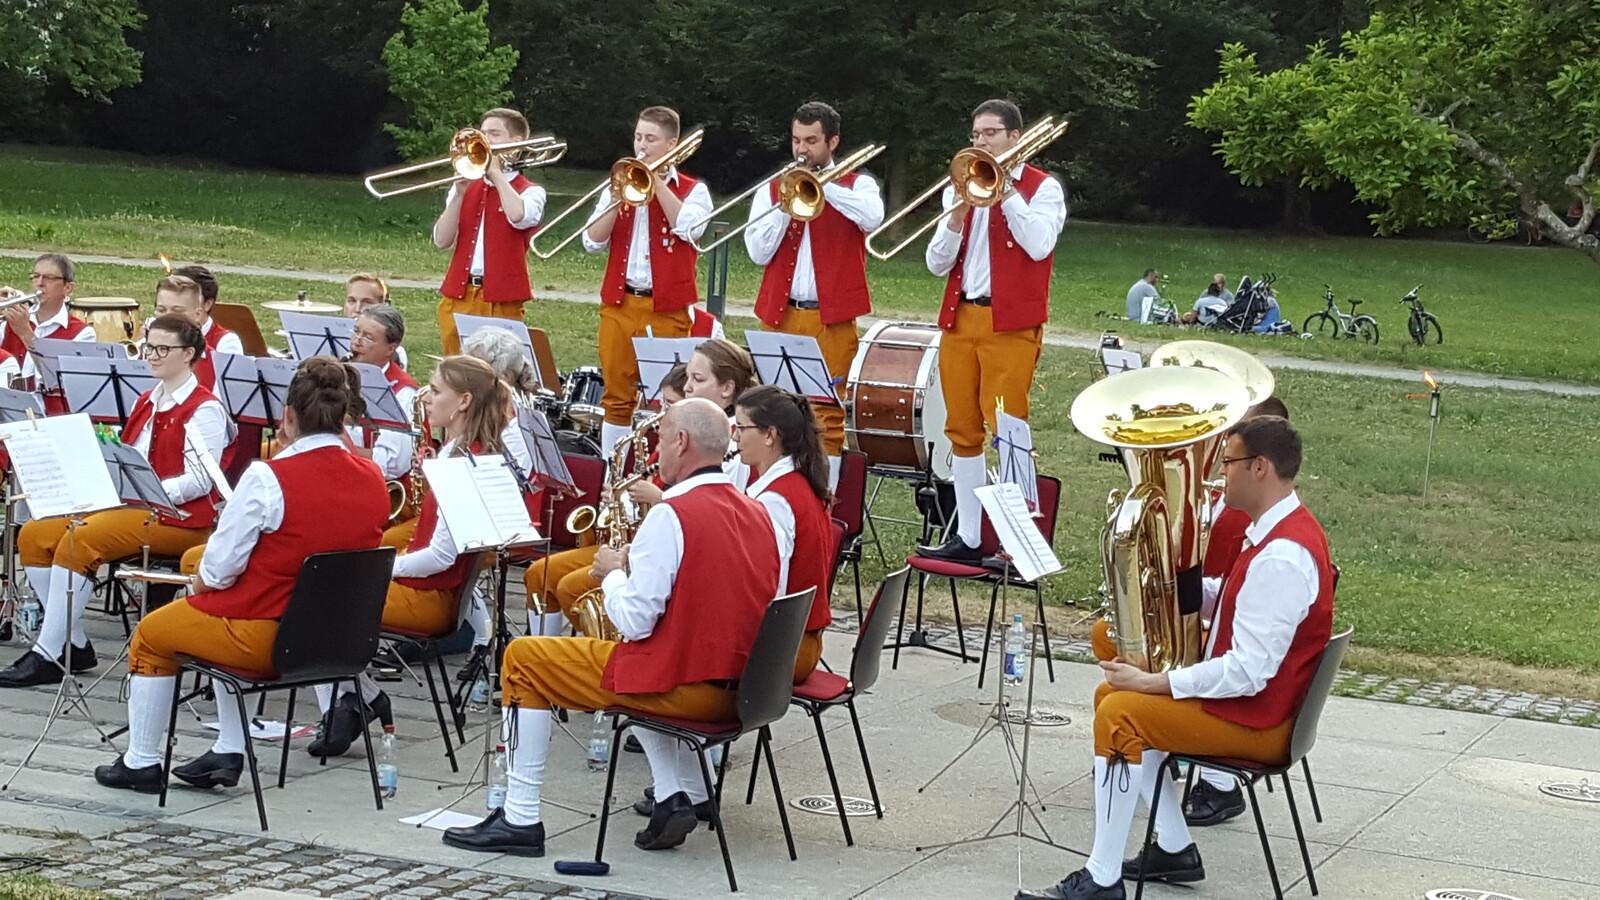 Bei der jährlichen Serenade im Kurpark Hirsau geht es musikalisch ein wenig lockerer zu. Neben traditioneller Blasmusik wird auch unterhaltende dargeboten.